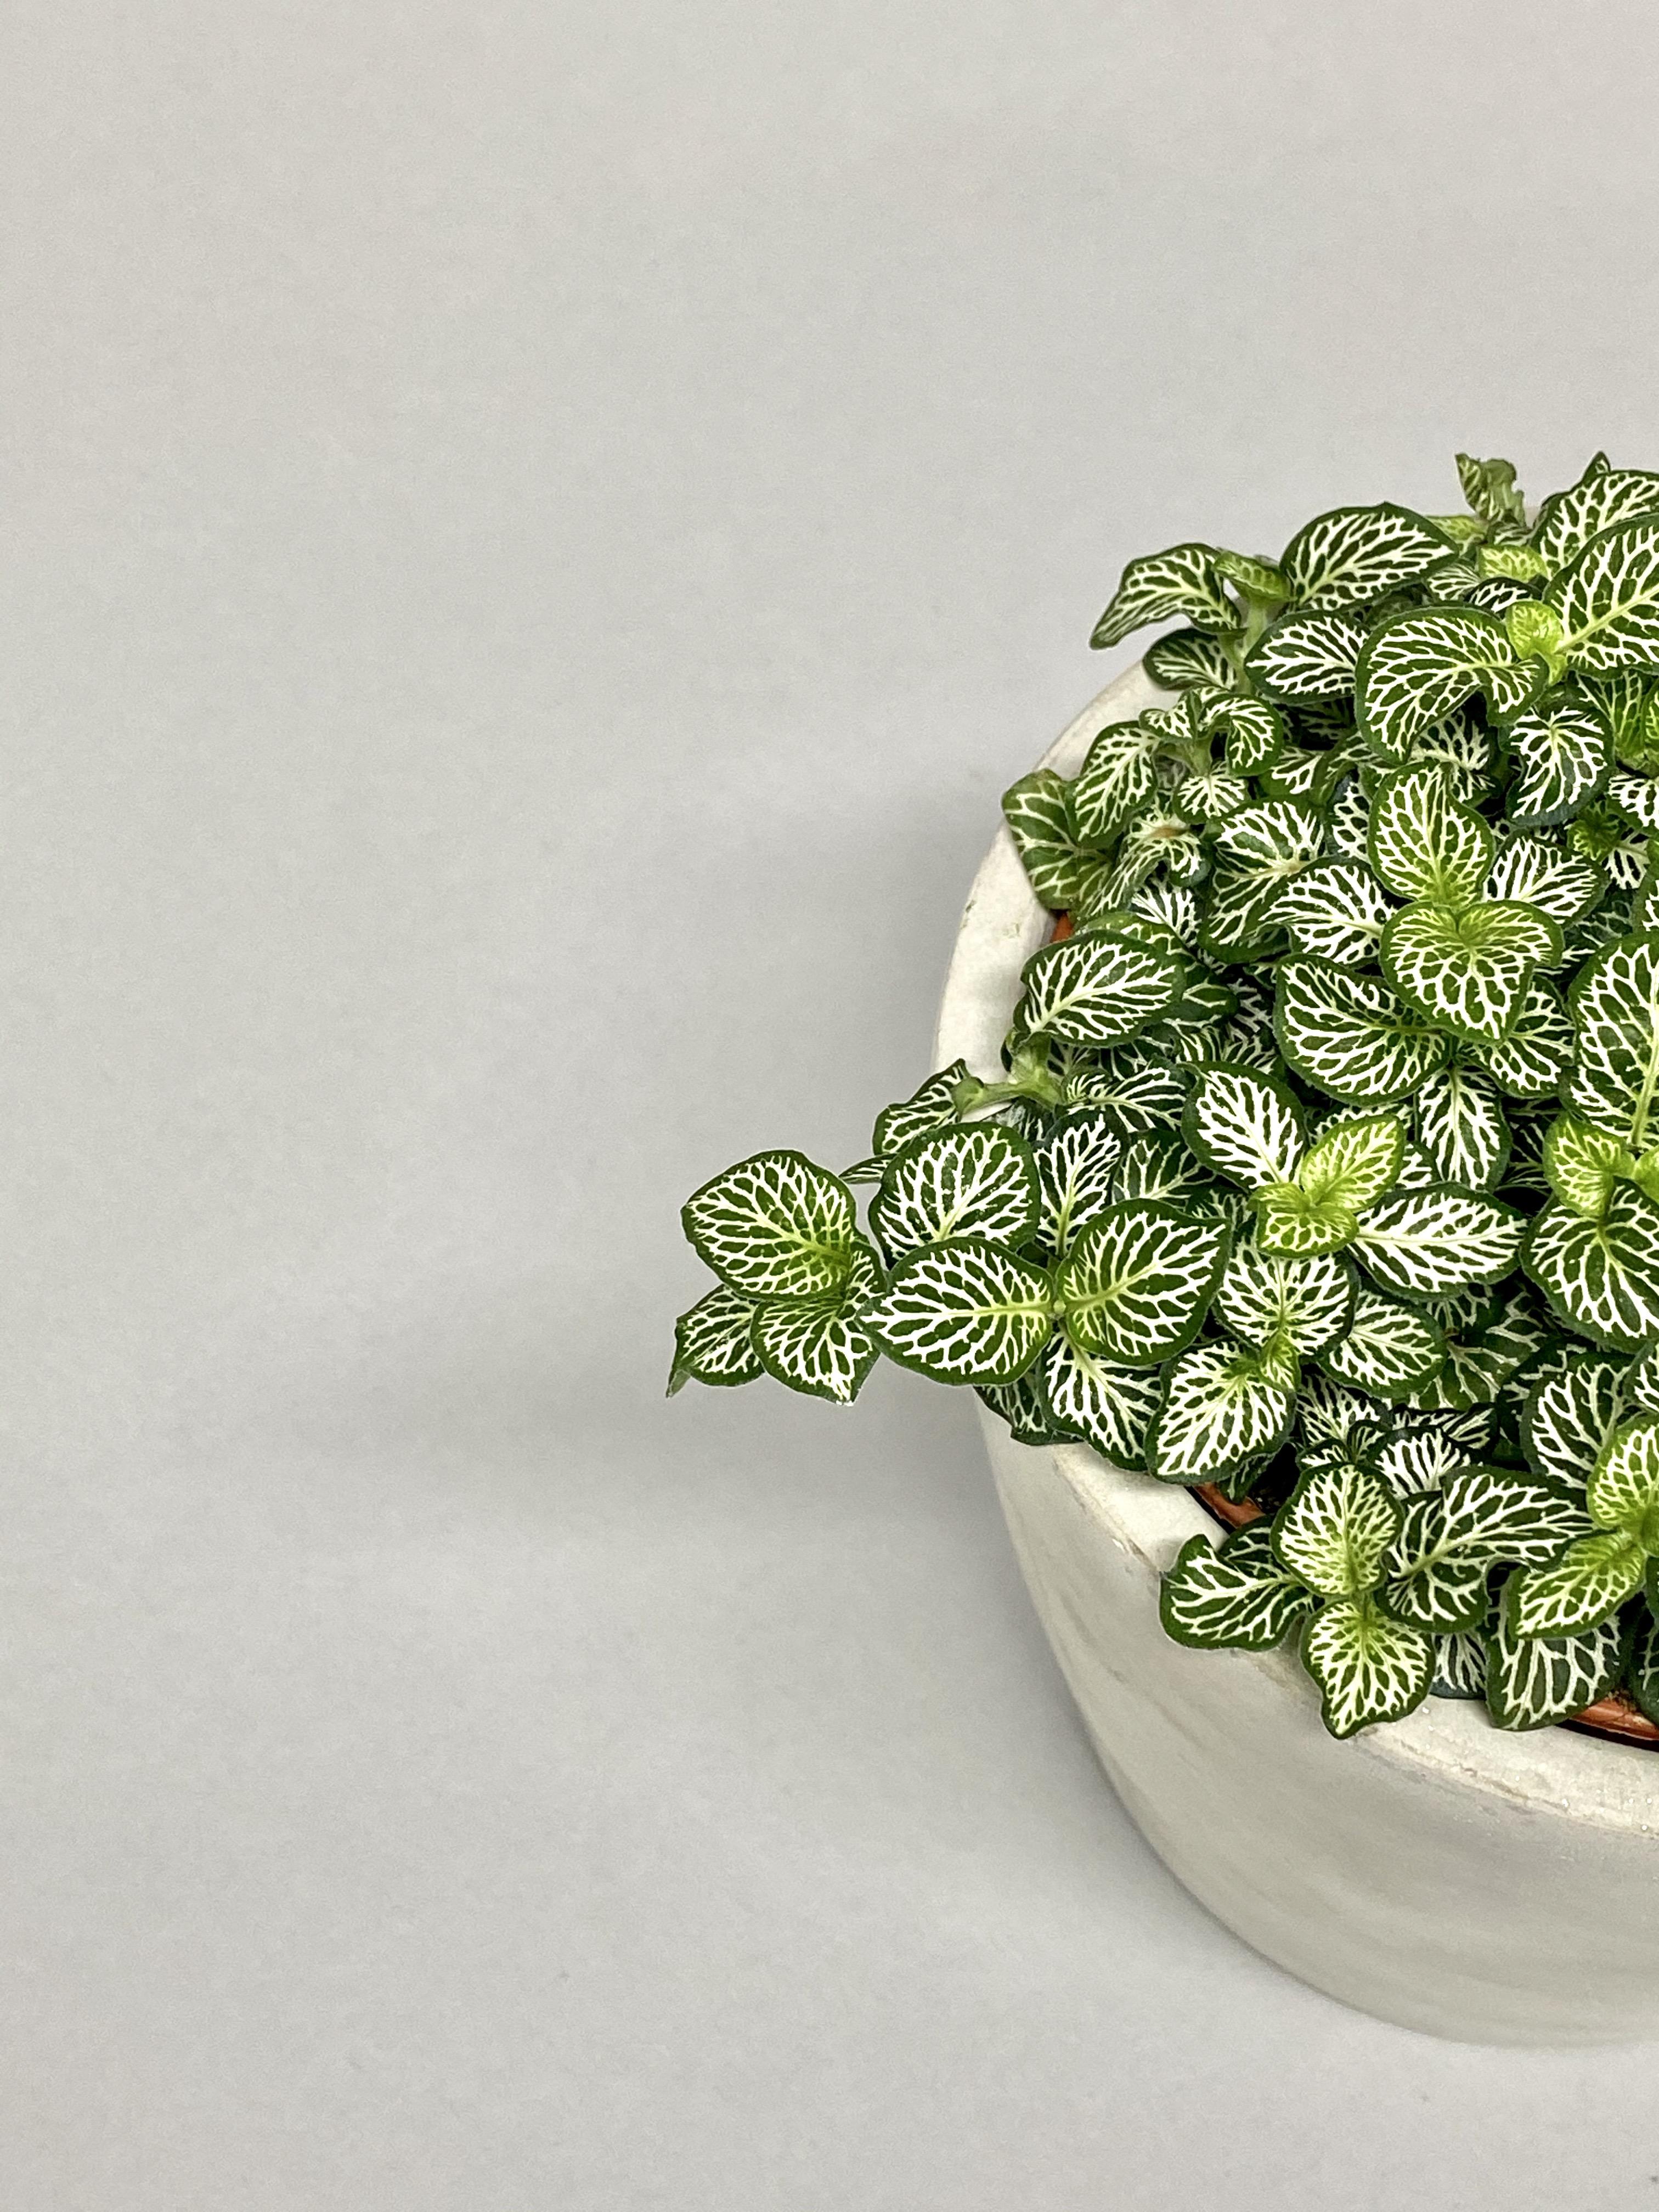 Fittonia Green Minima